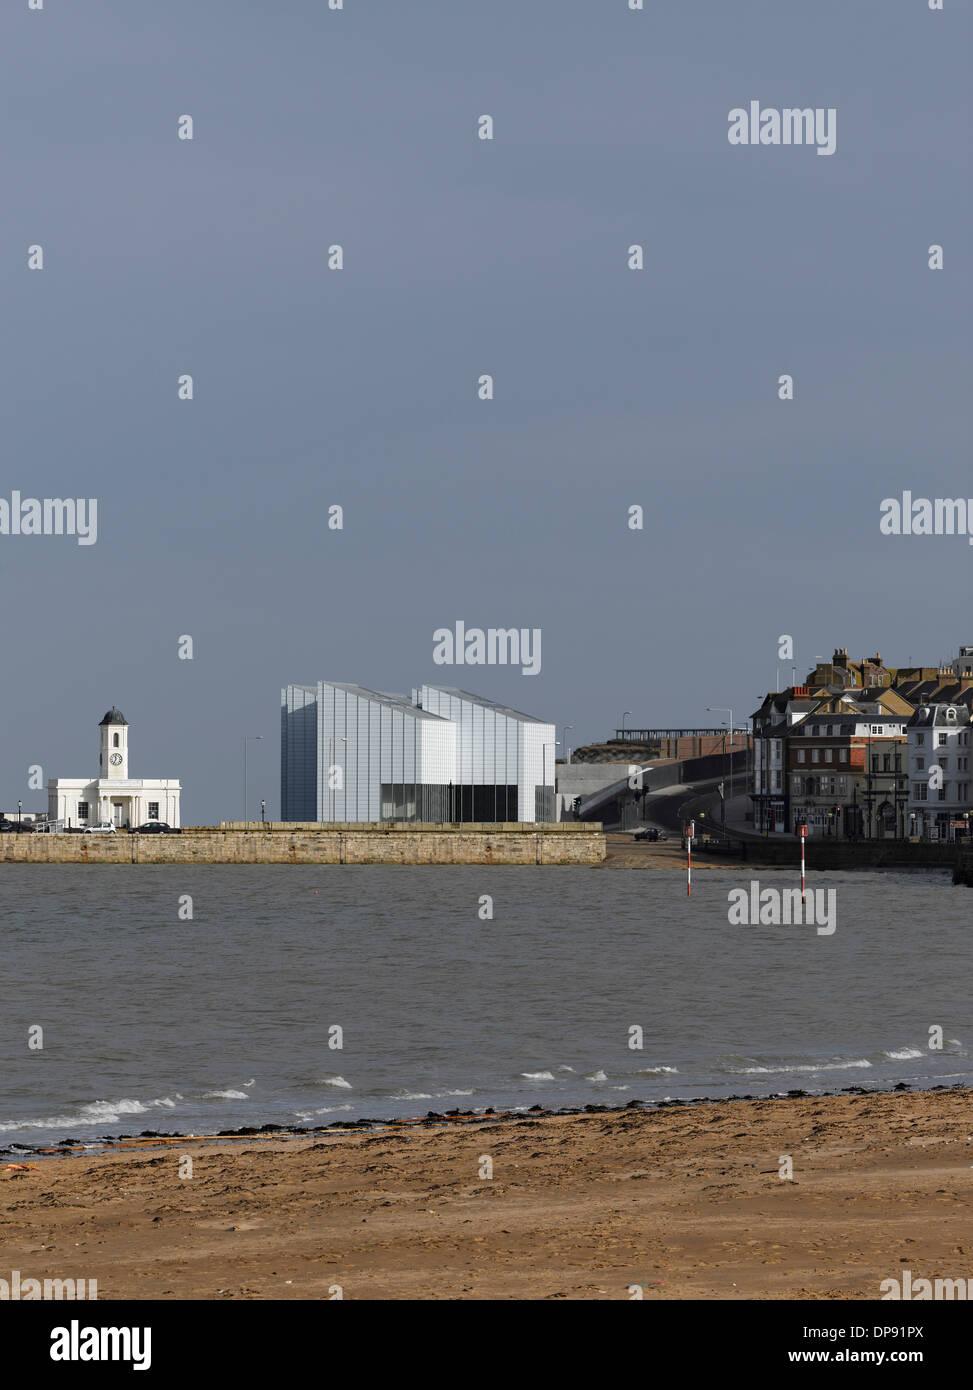 Turner Contemporary, Margate, Kent, England, UK. - Stock Image